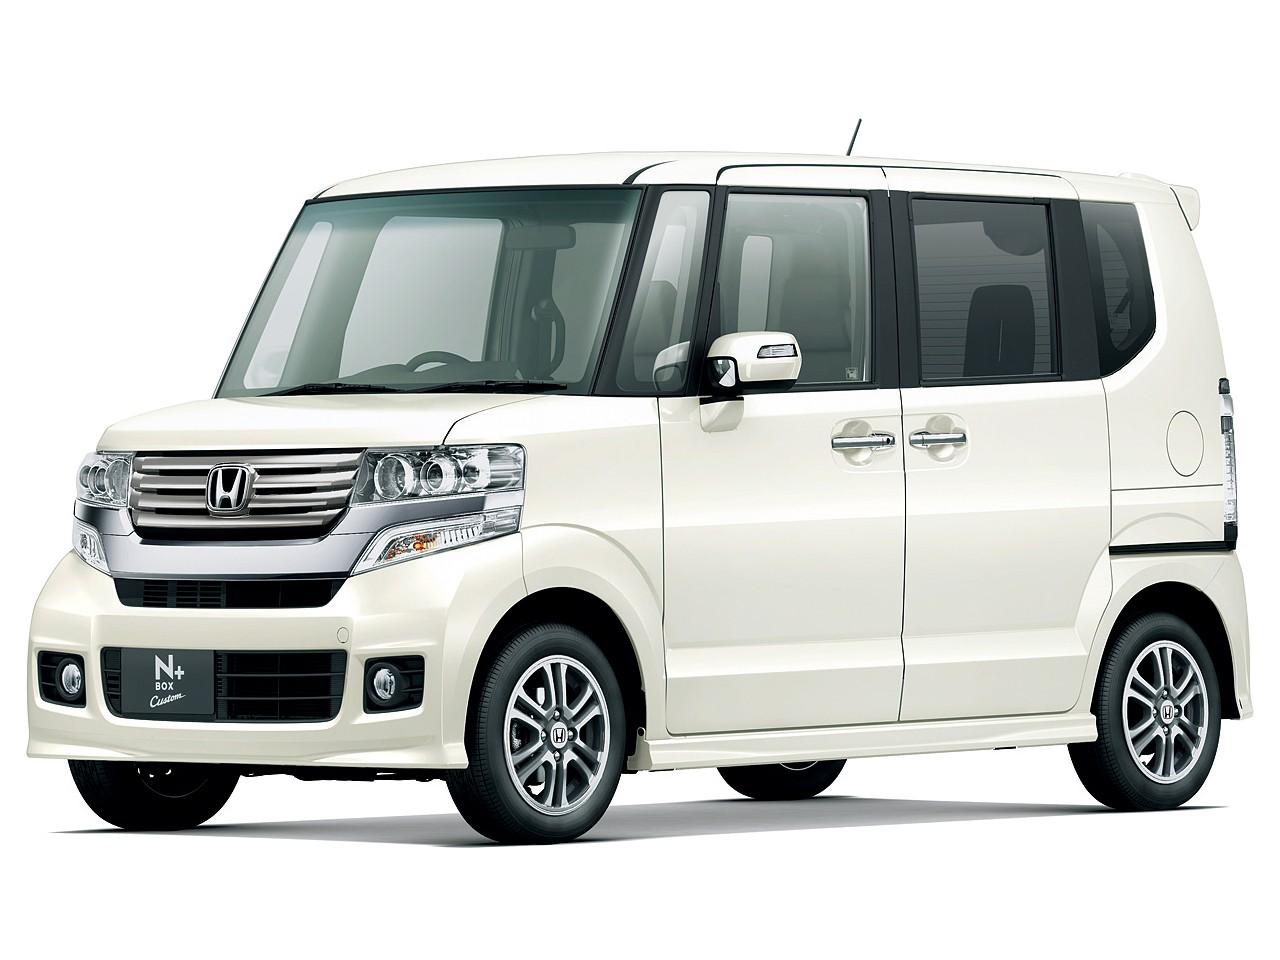 ホンダ N-BOX + カスタム 2012年モデル 新車画像